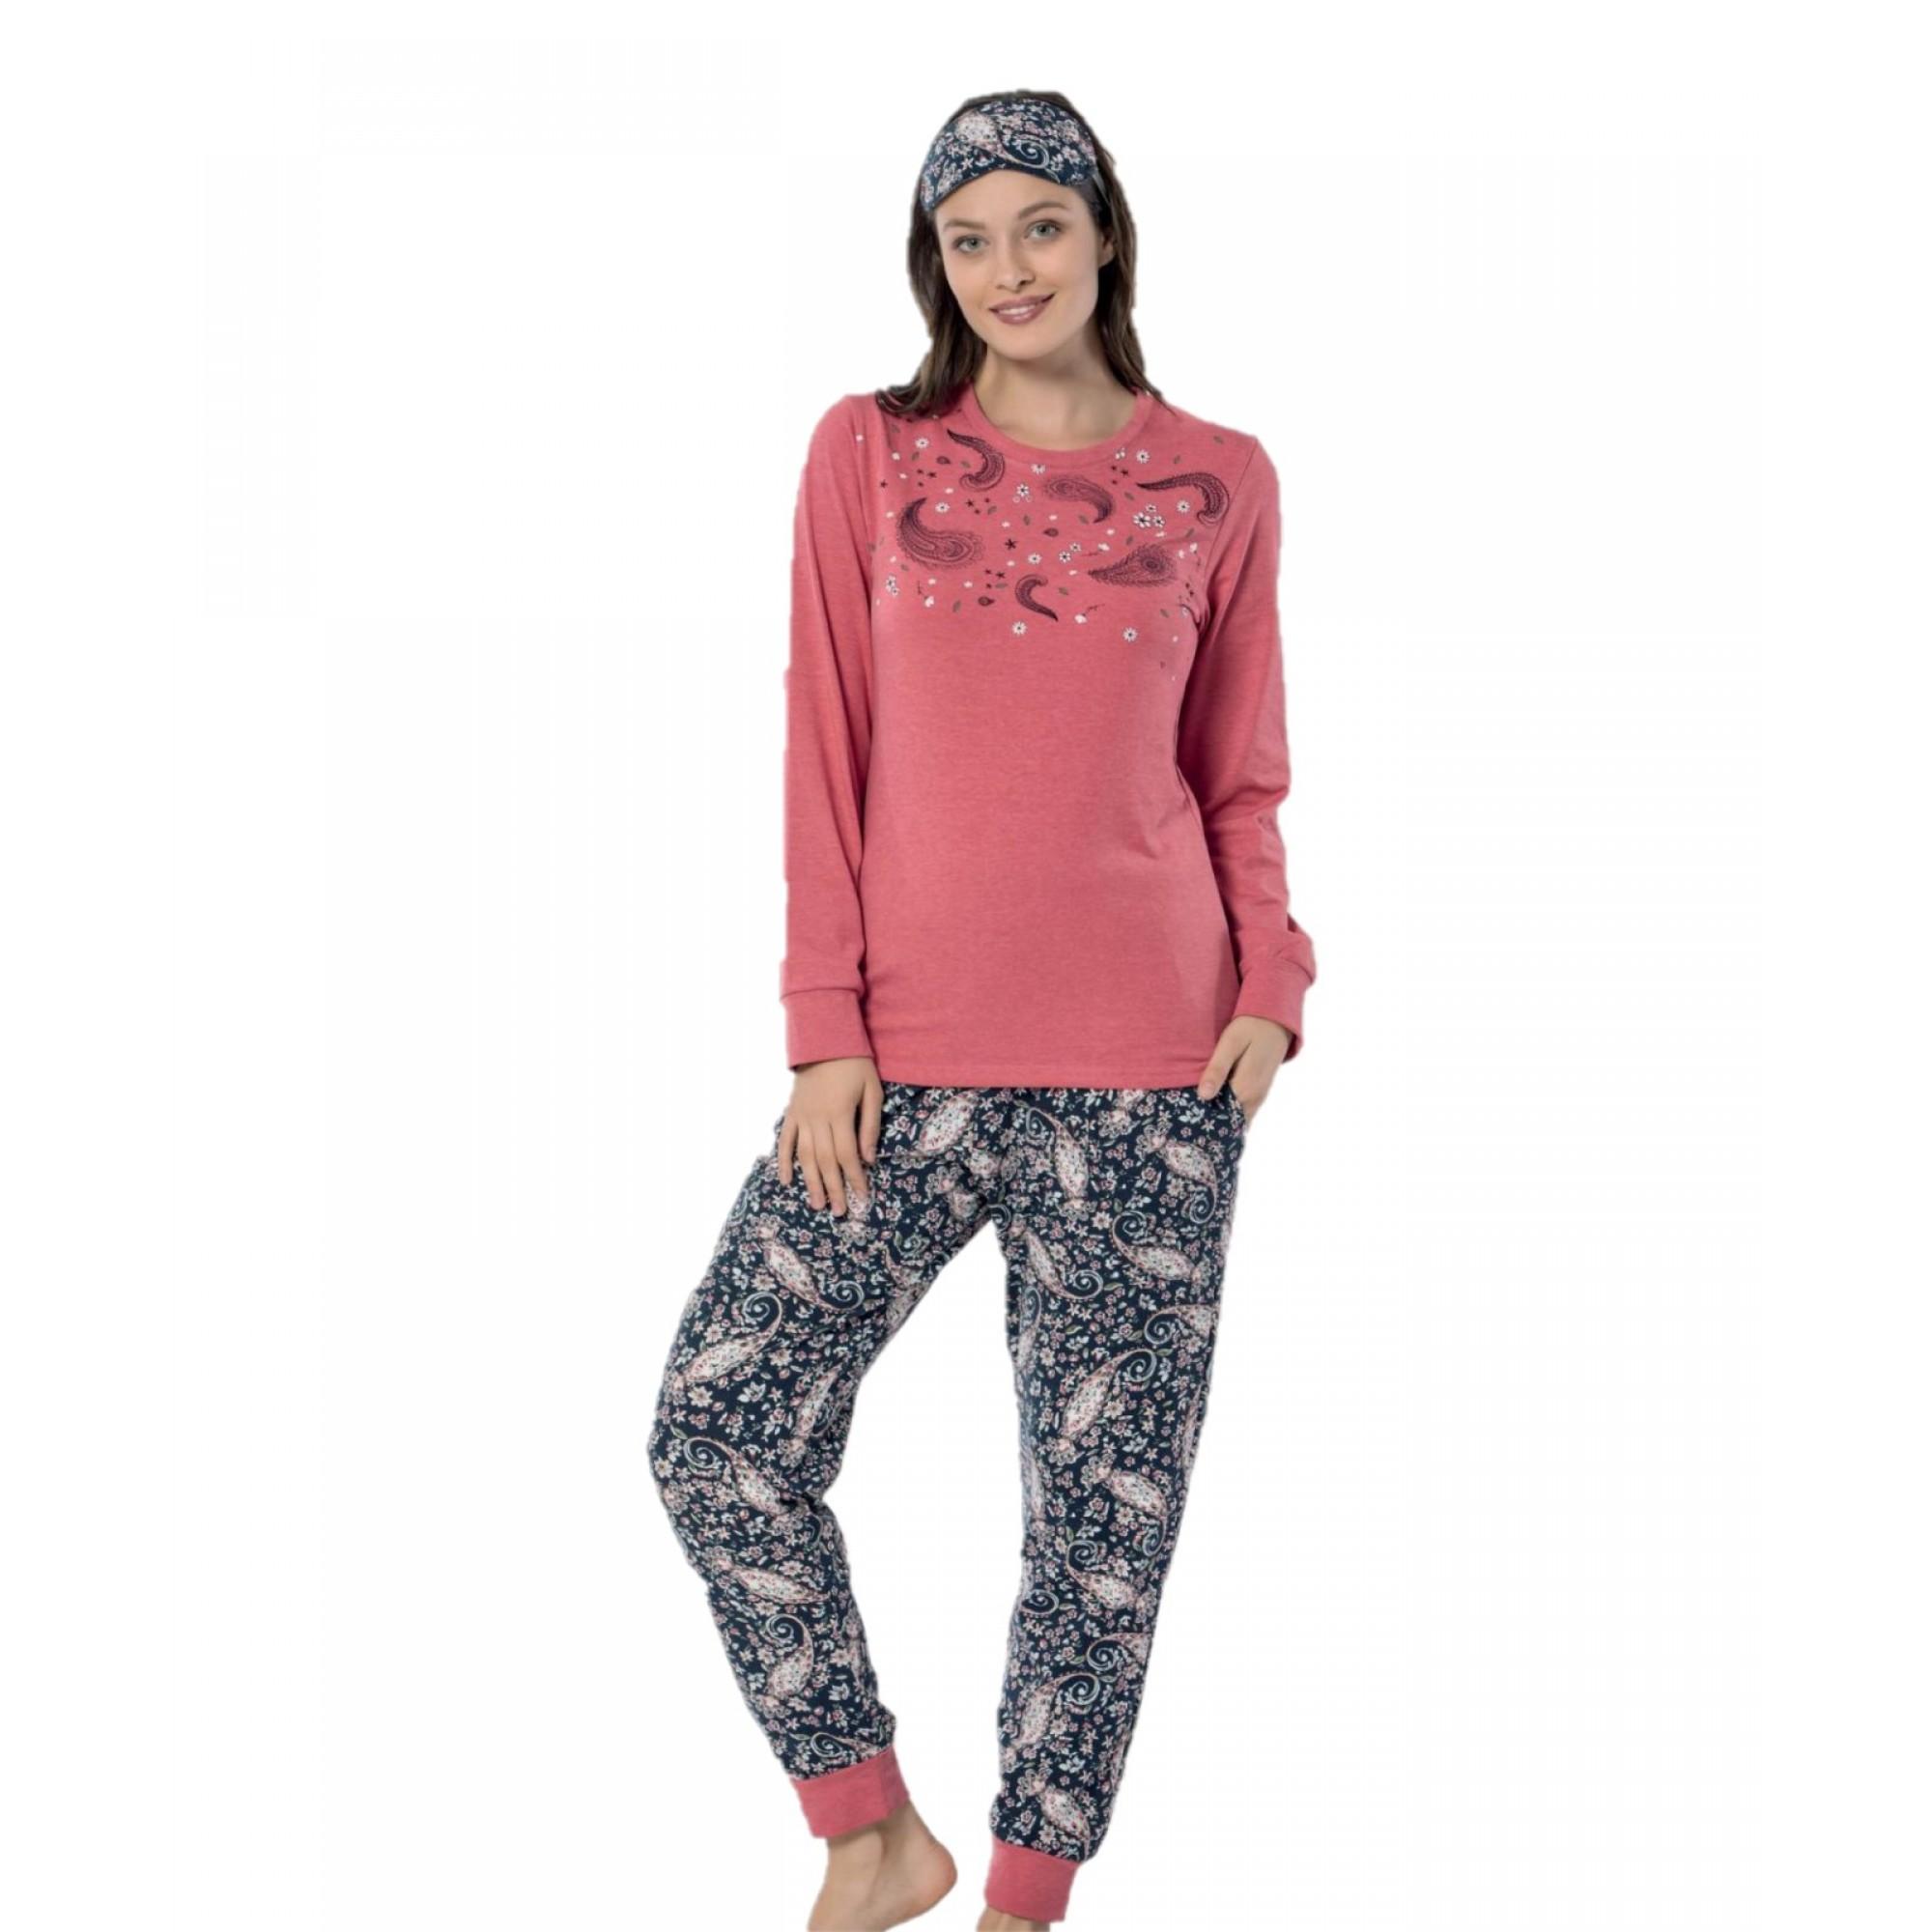 Дамска памучна пижама Орнаменти